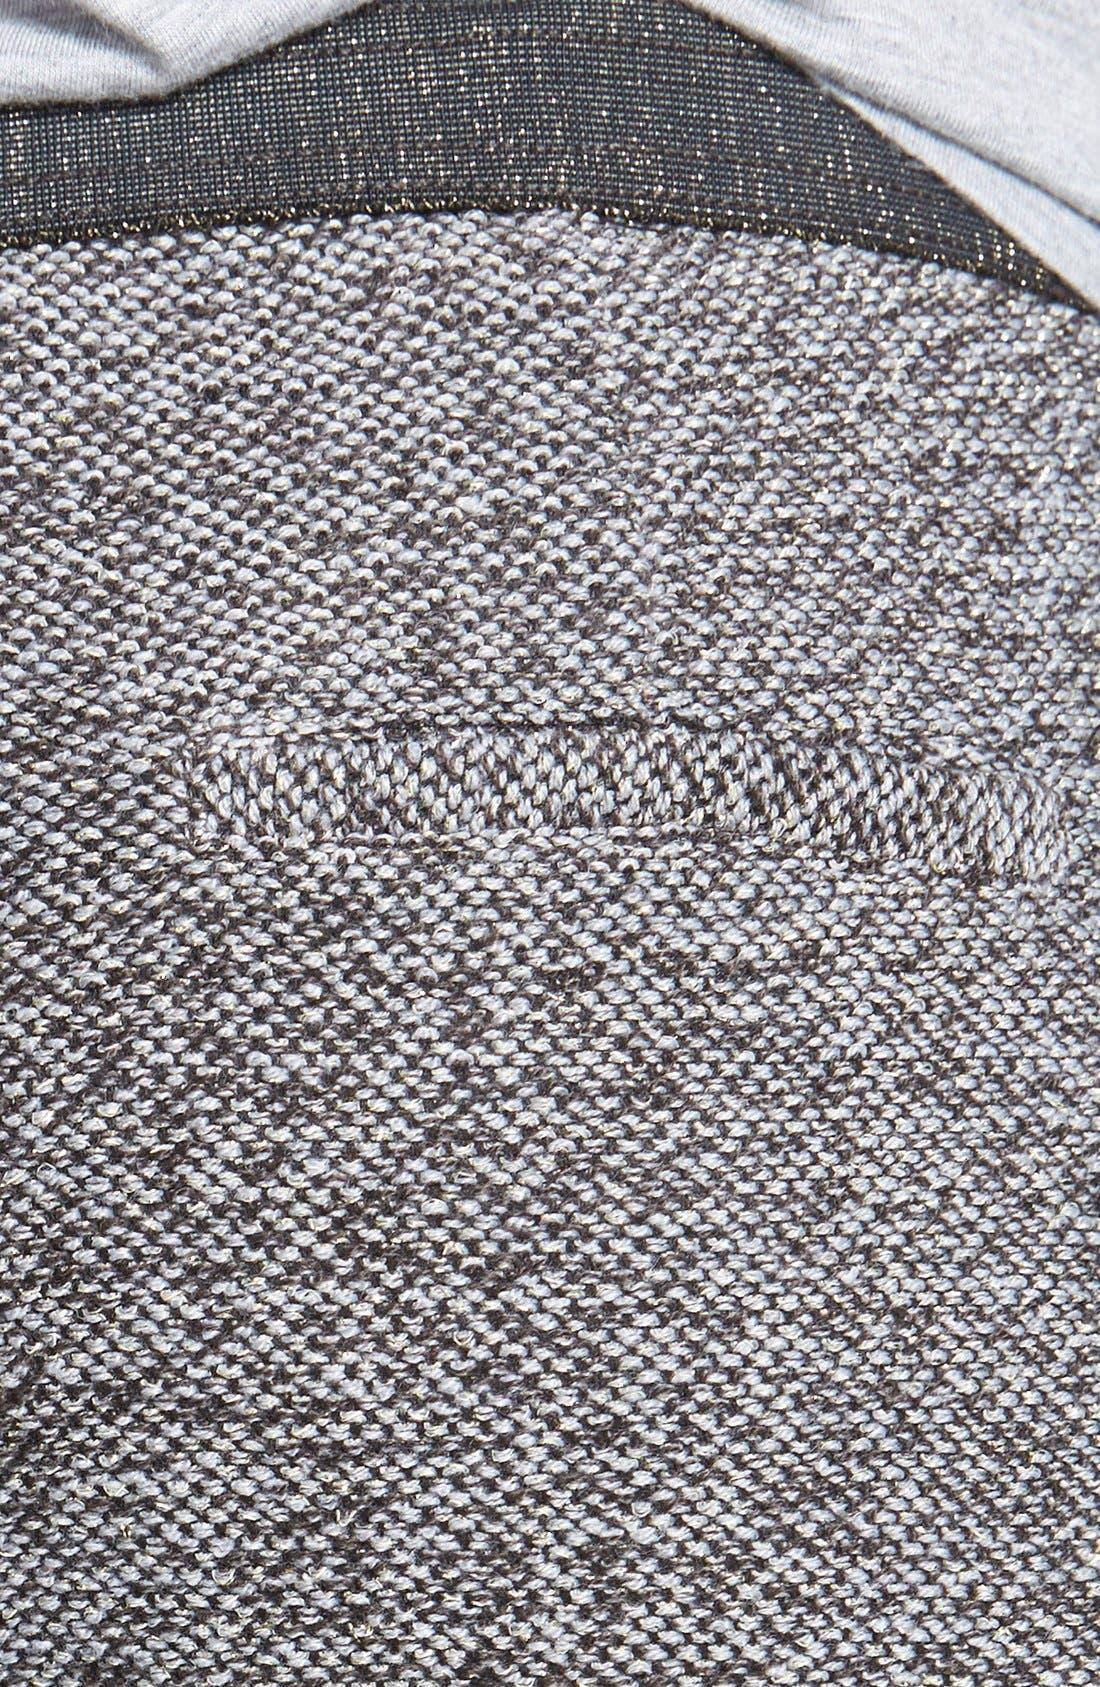 Alternate Image 3  - Free People 'Milo' Metallic Pants